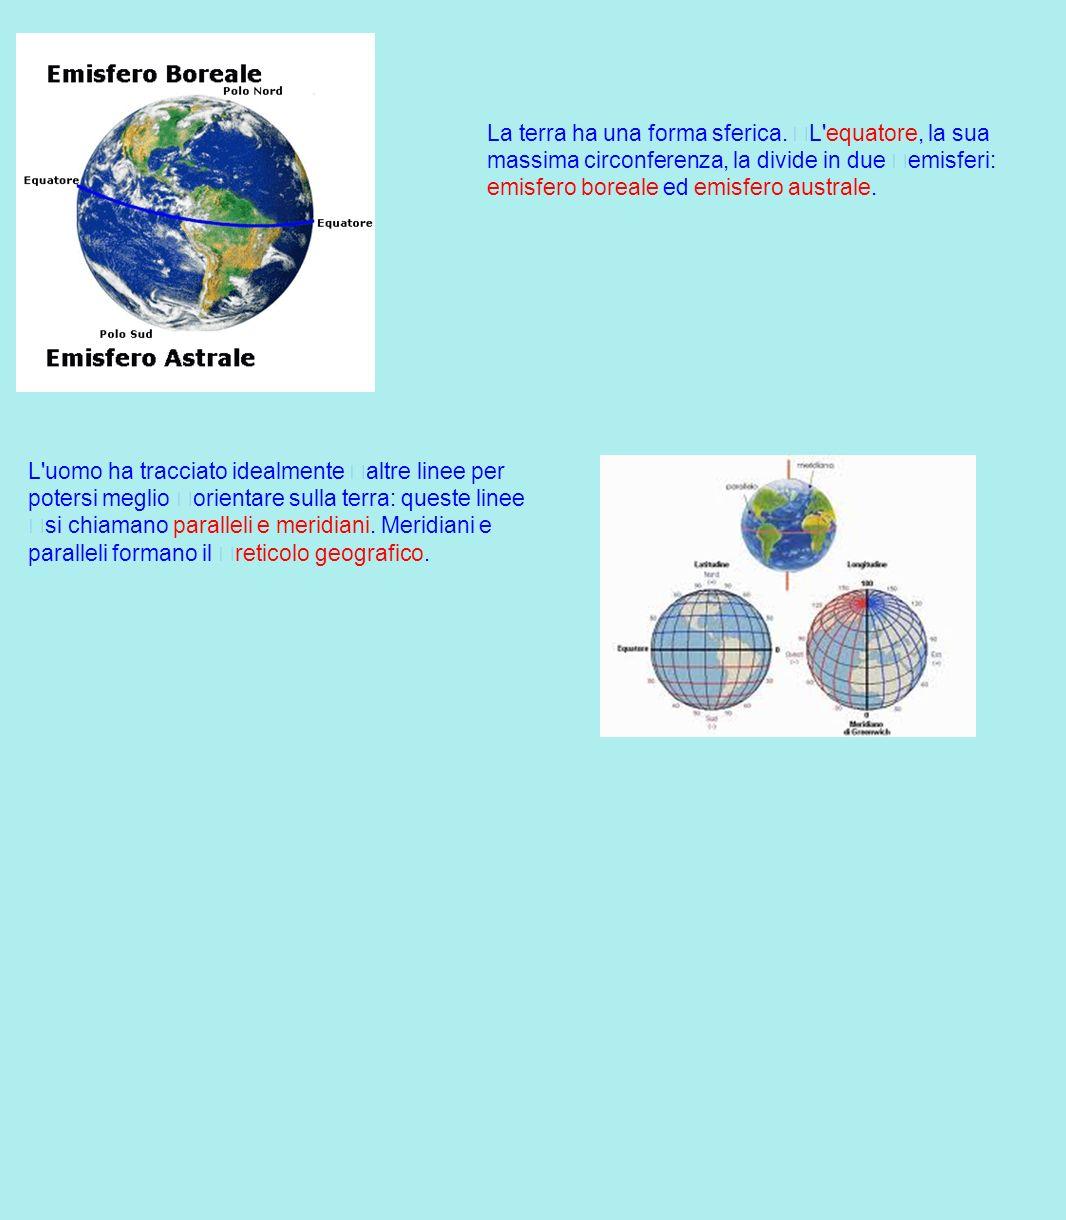 La terra ha una forma sferica